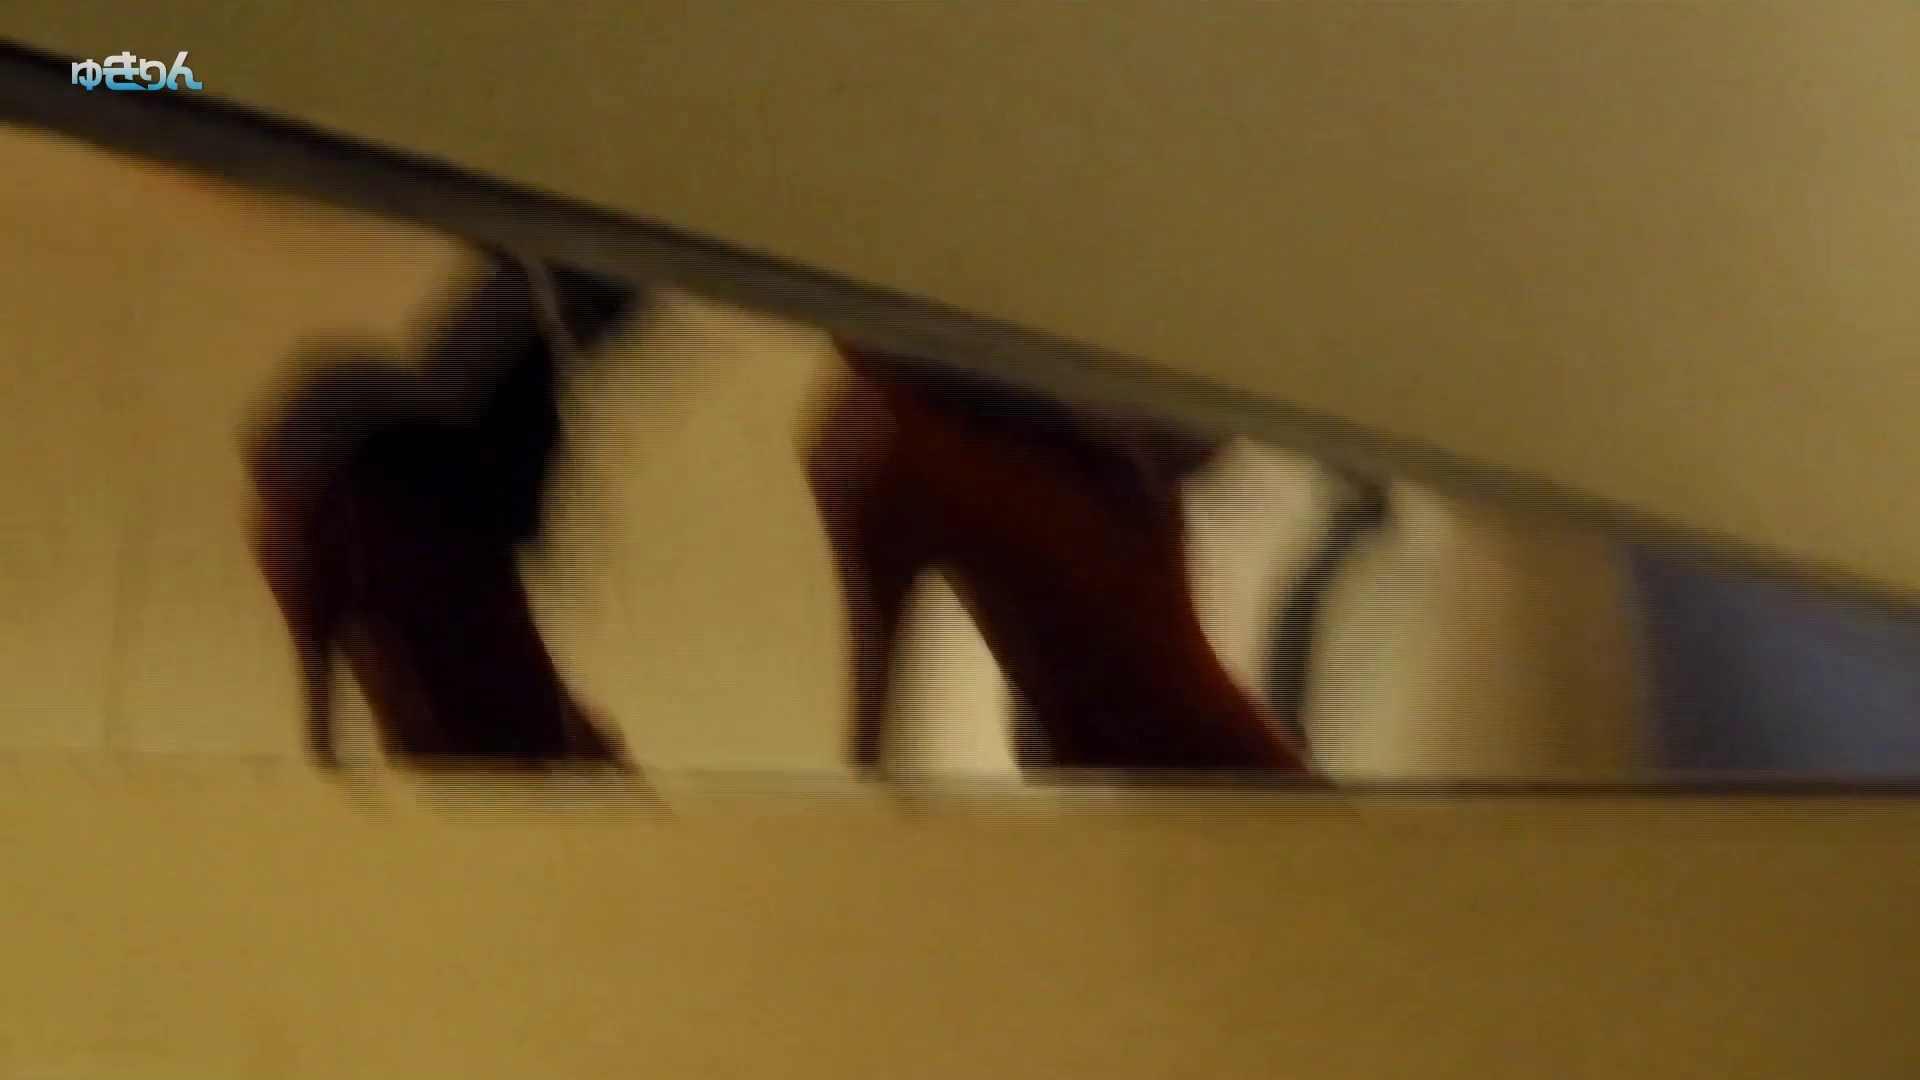 新世界の射窓 No81 制月反さん登場!! お姉さん攻略 すけべAV動画紹介 106画像 58